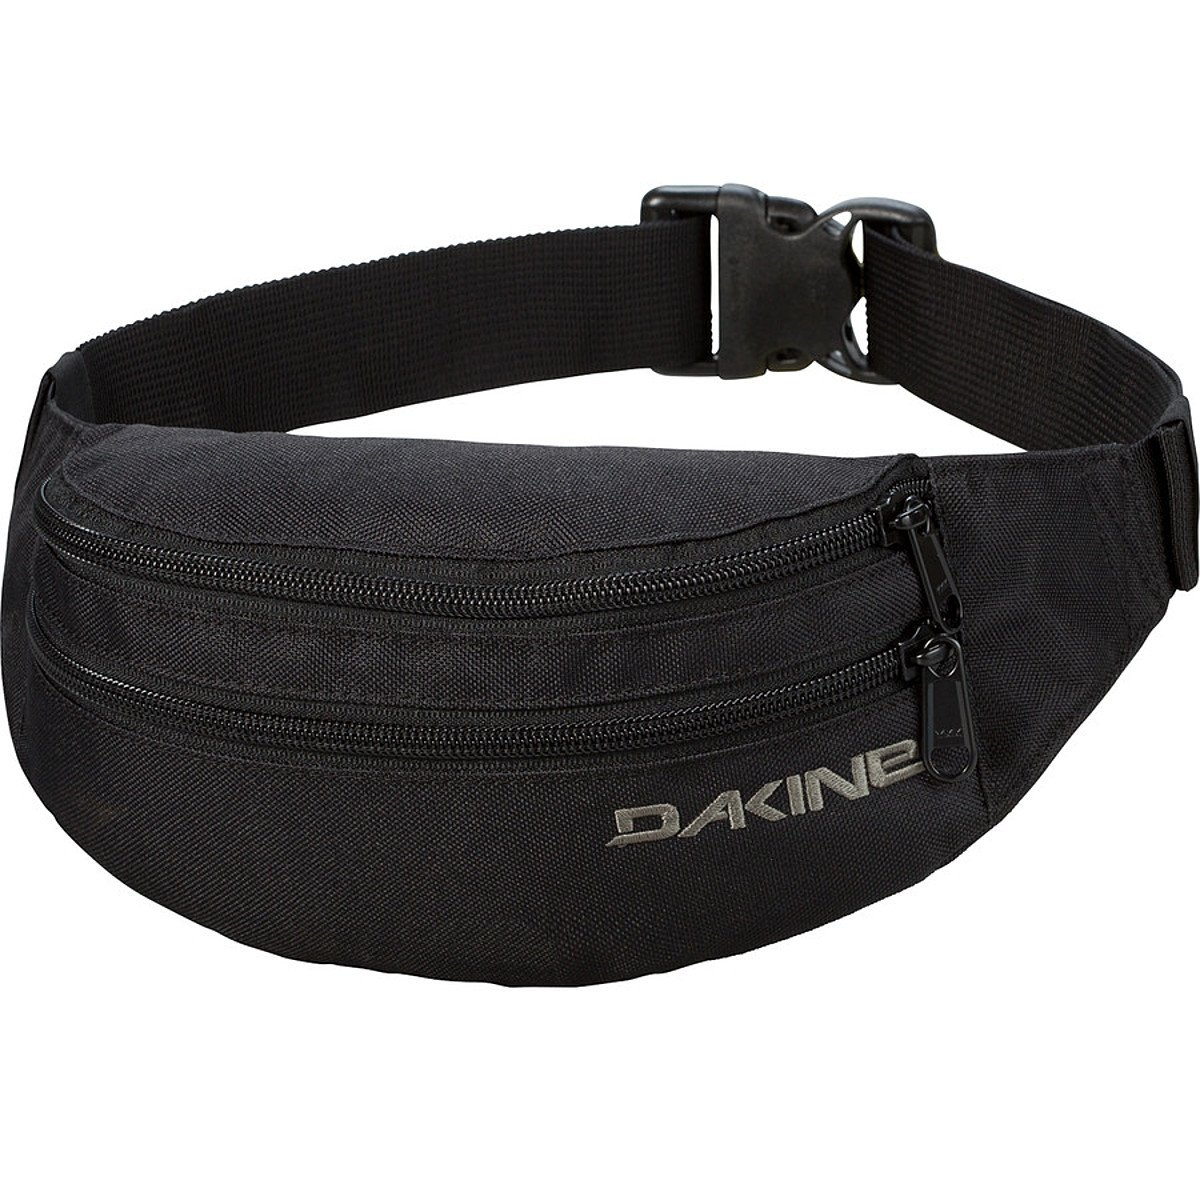 (ダカイン) DAKINE Classic Hip Packメンズ バックパック リュック Black [並行輸入品]   B07BZG729D